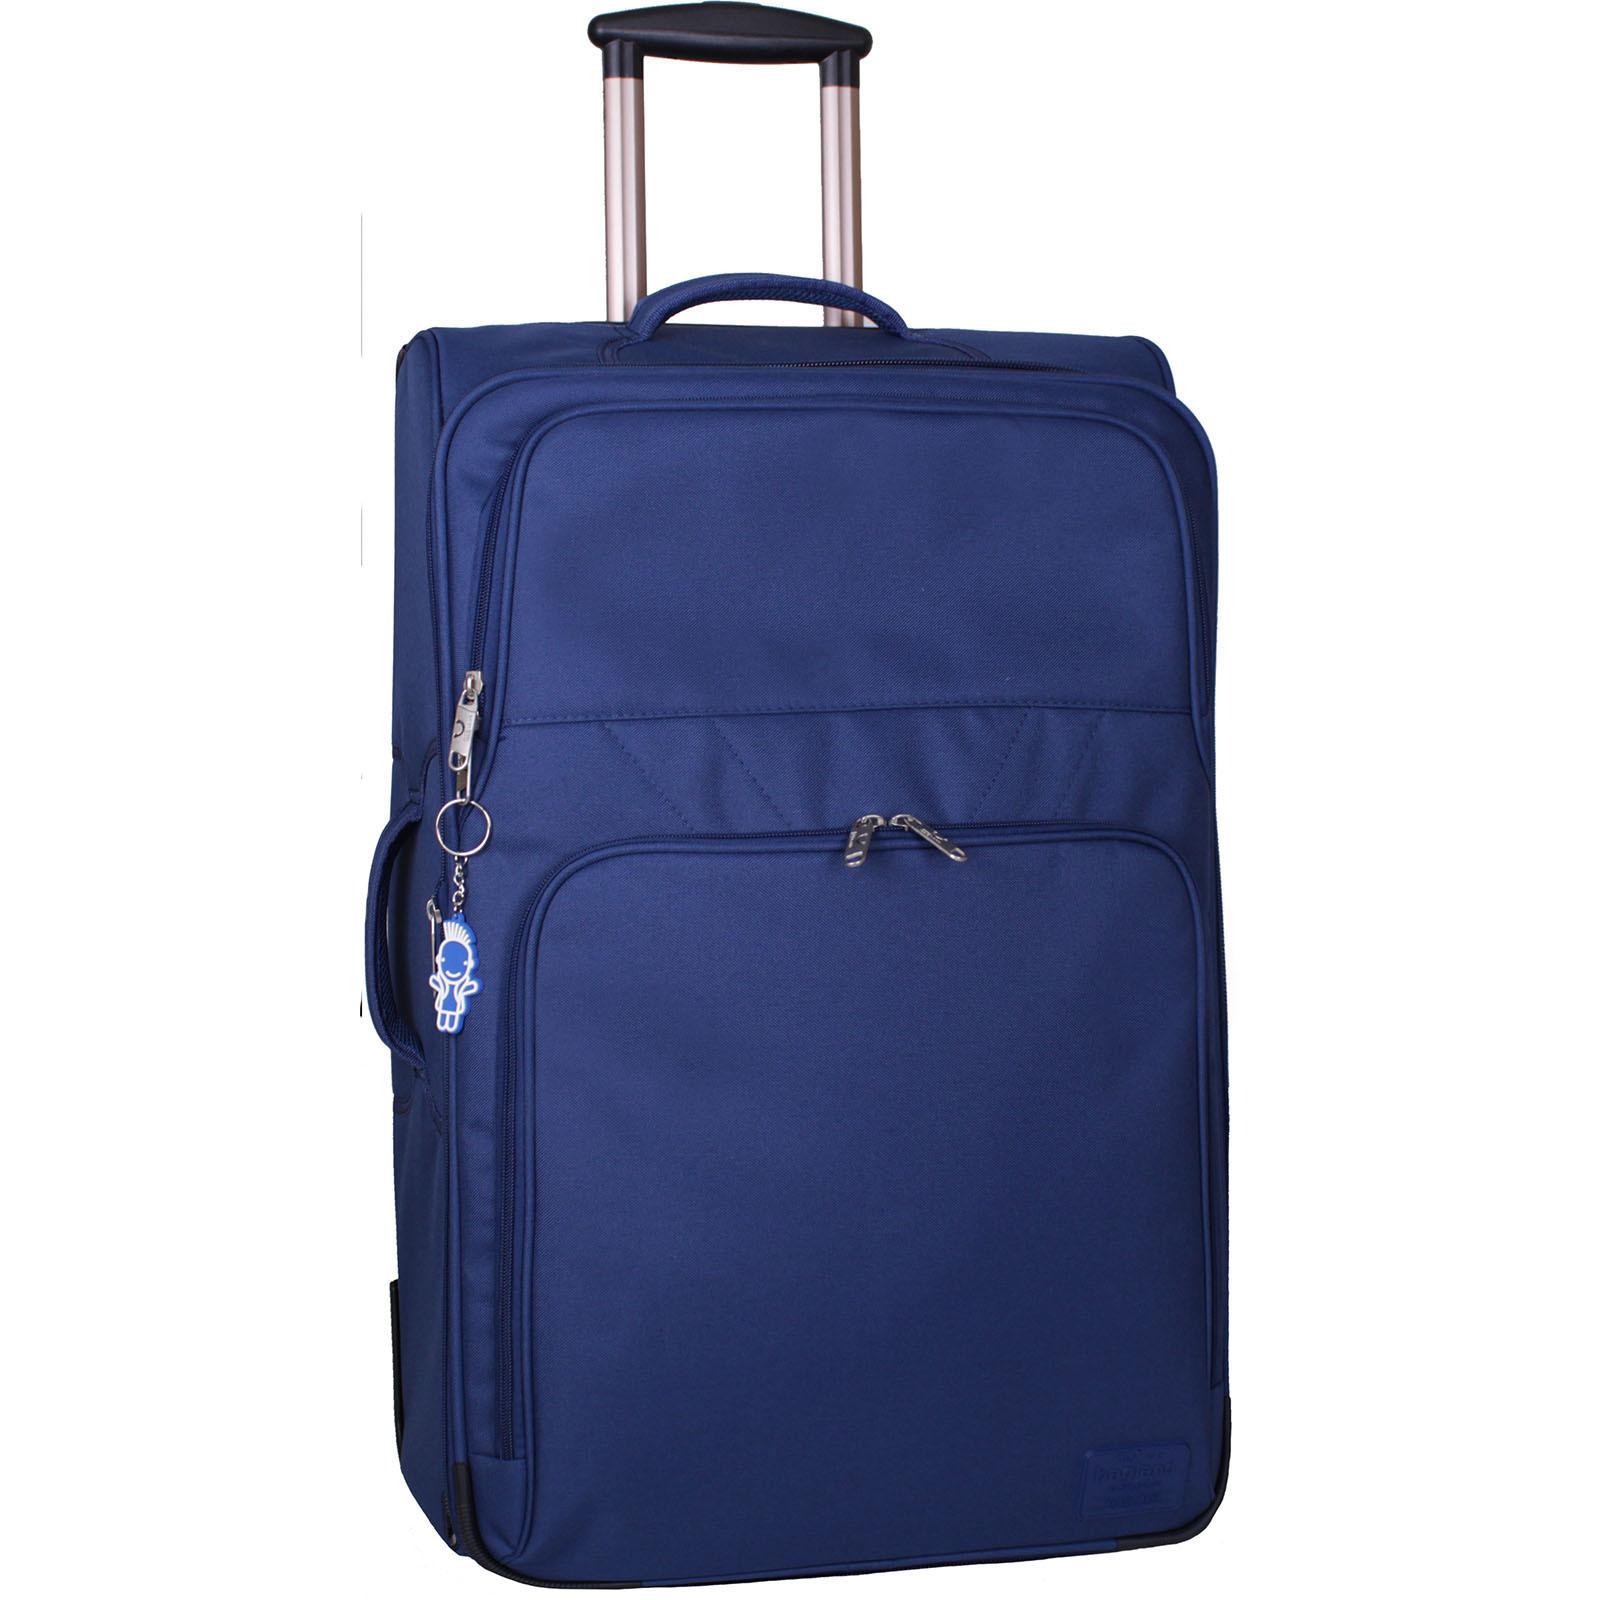 Дорожные чемоданы Чемодан Bagland Леон большой 70 л. Синий (003766627) IMG_3022.JPG